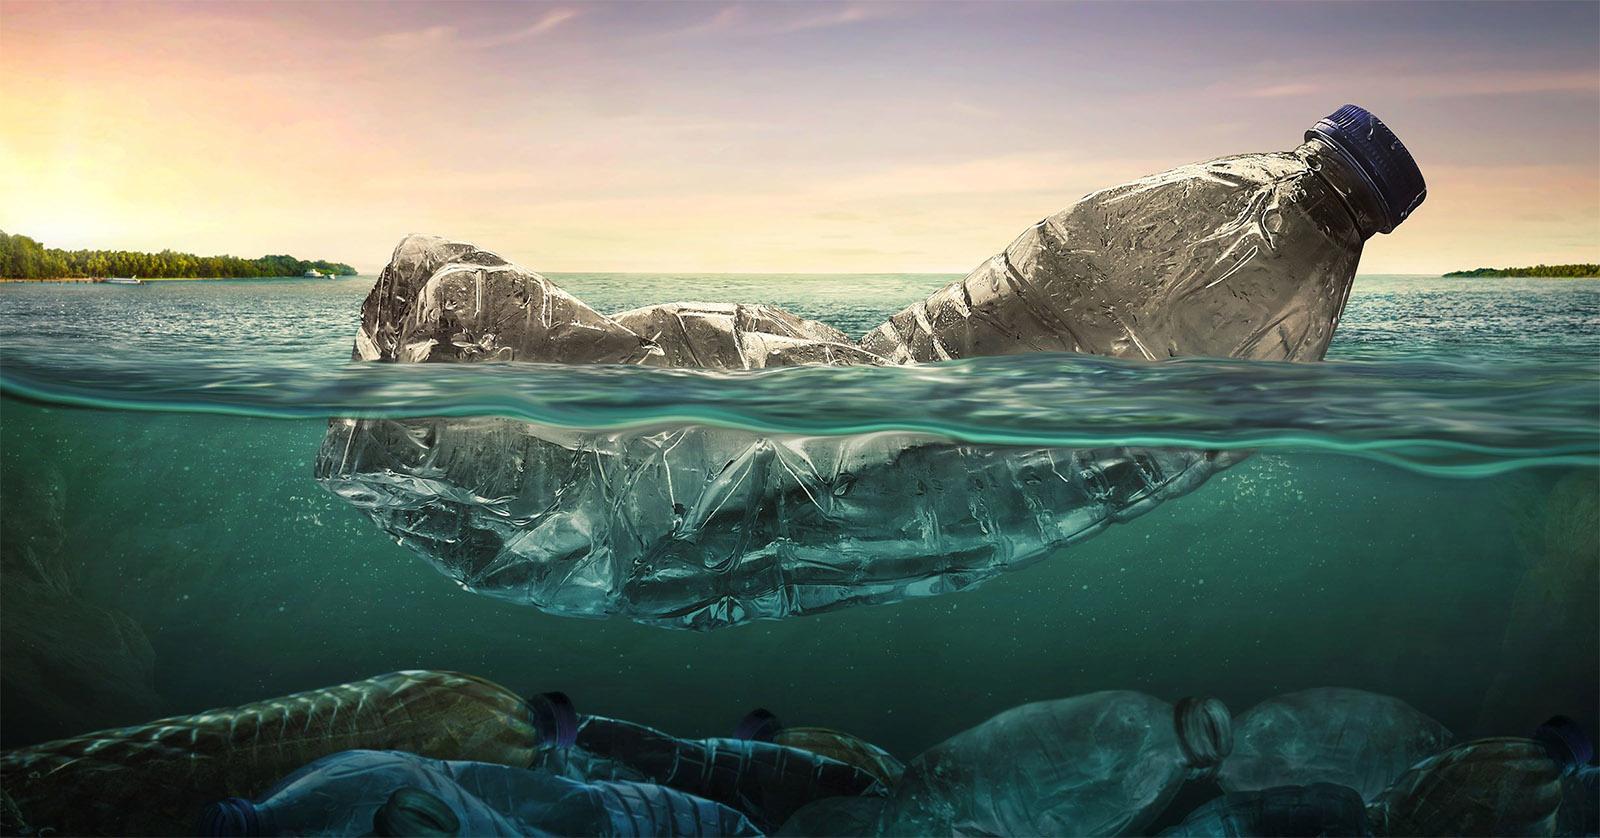 CIIMAR quer remover, reciclar e dar um novo uso aos plásticos no oceano